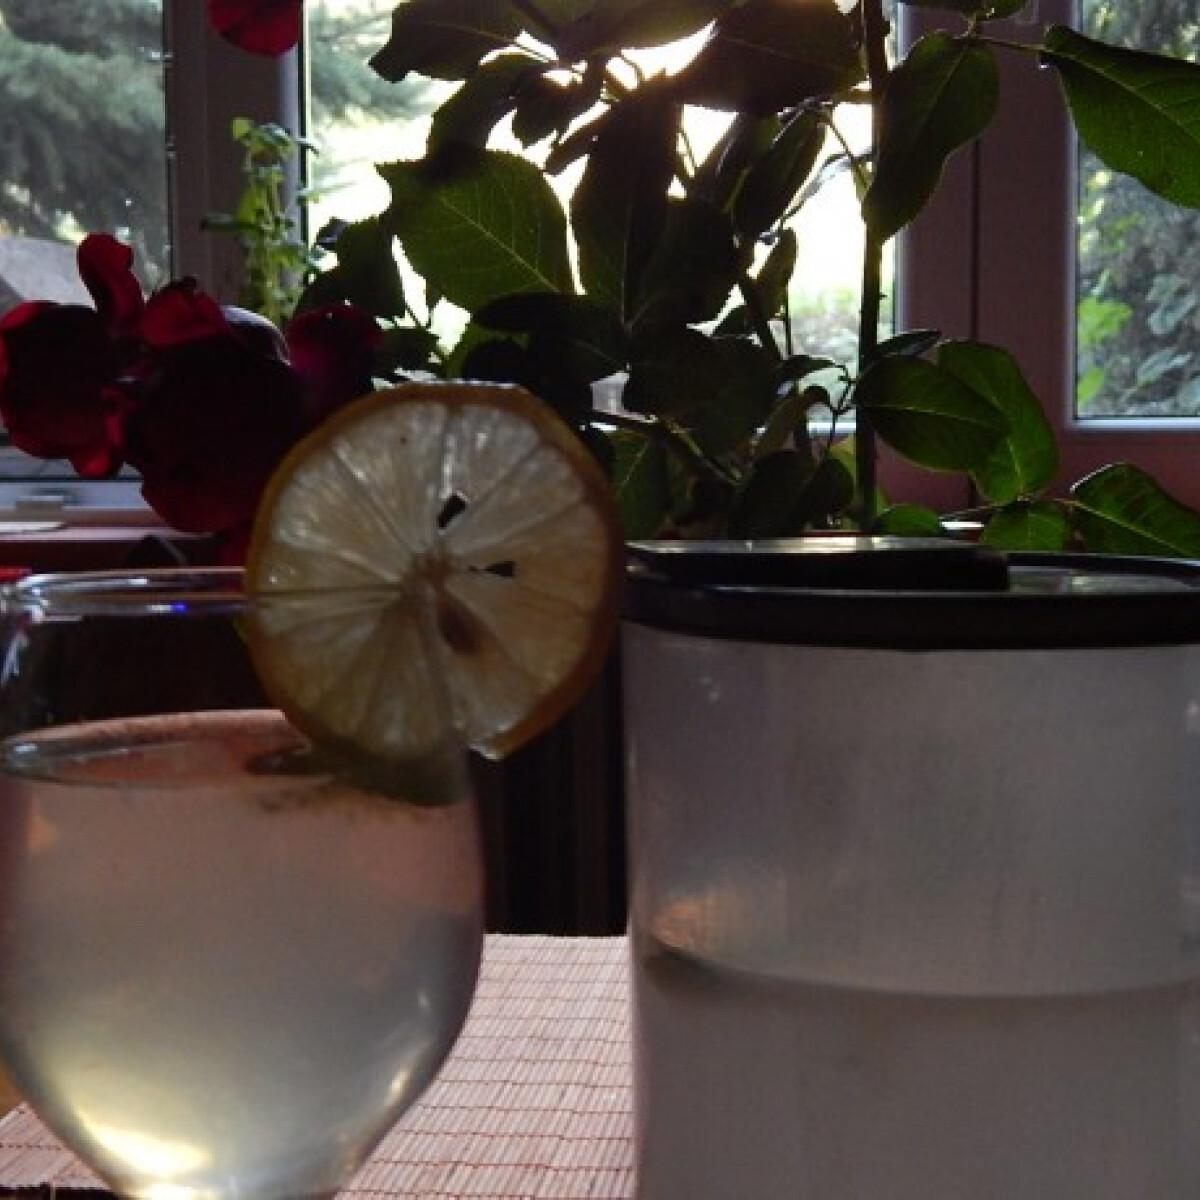 Ezen a képen: Hagyományos limonádé